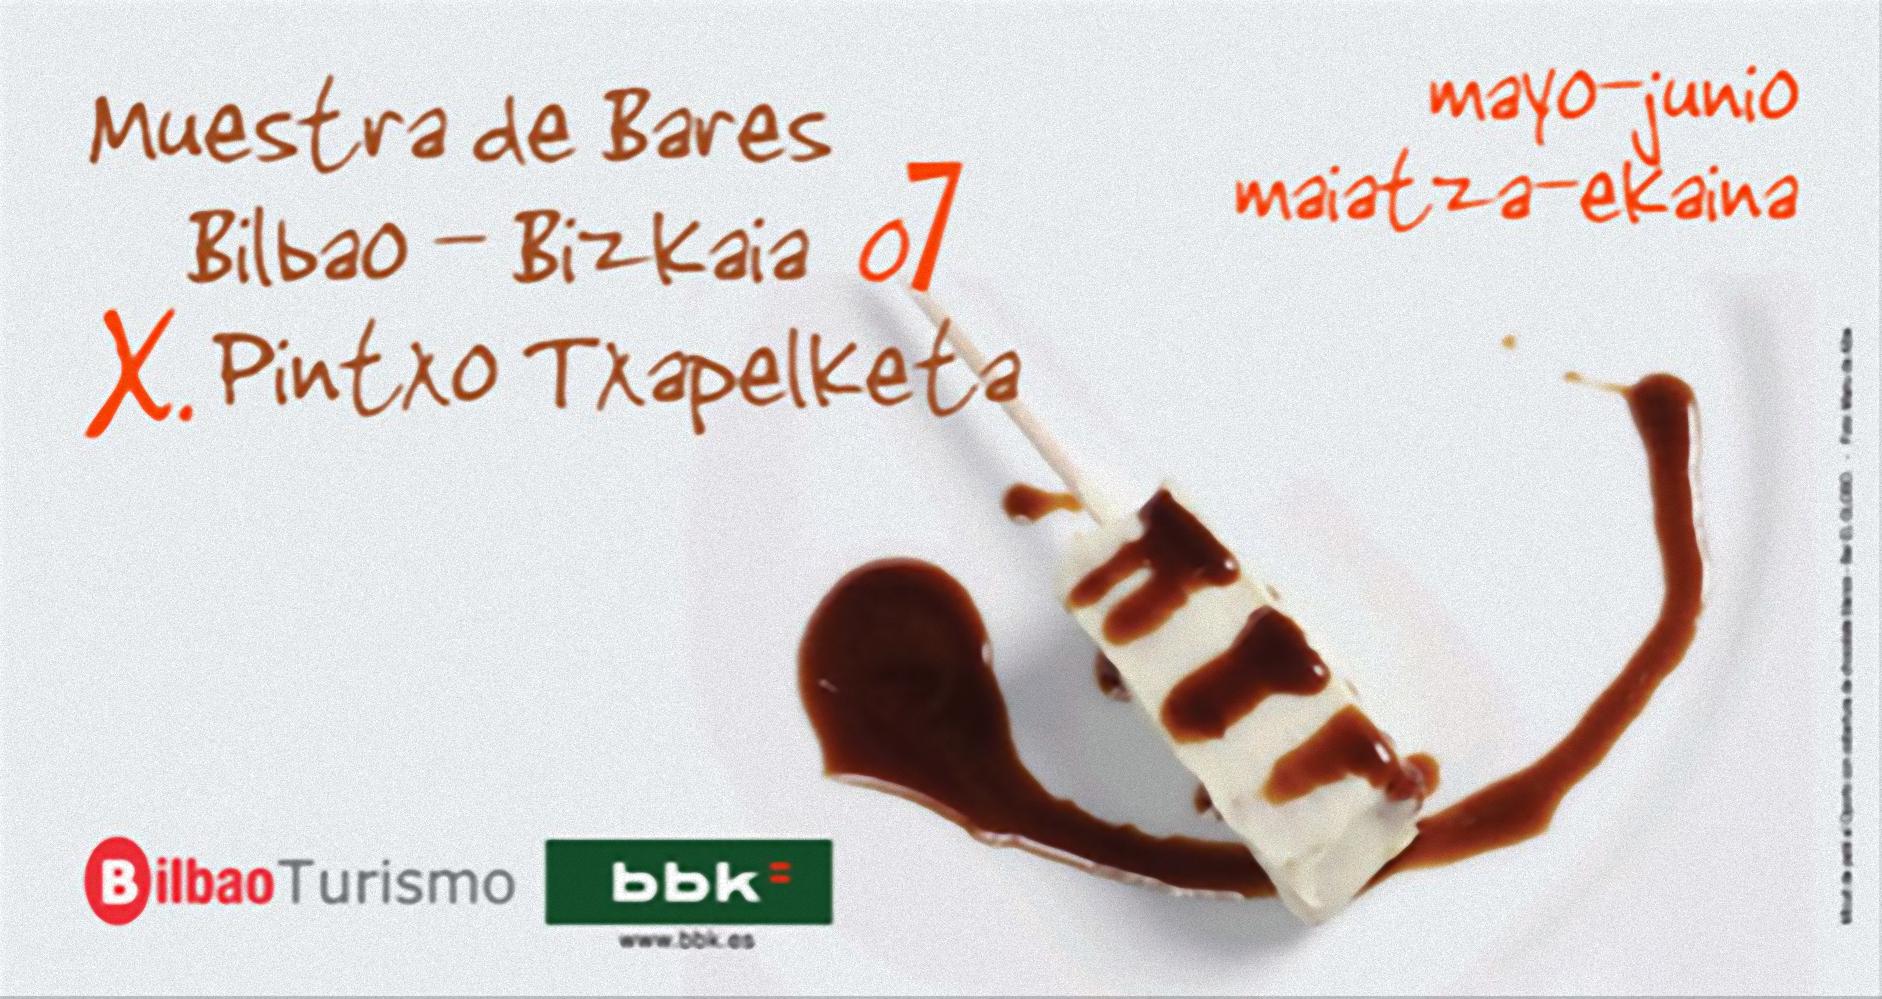 Bilbao-Bizkaia 07-X Pintxo Txapelketa